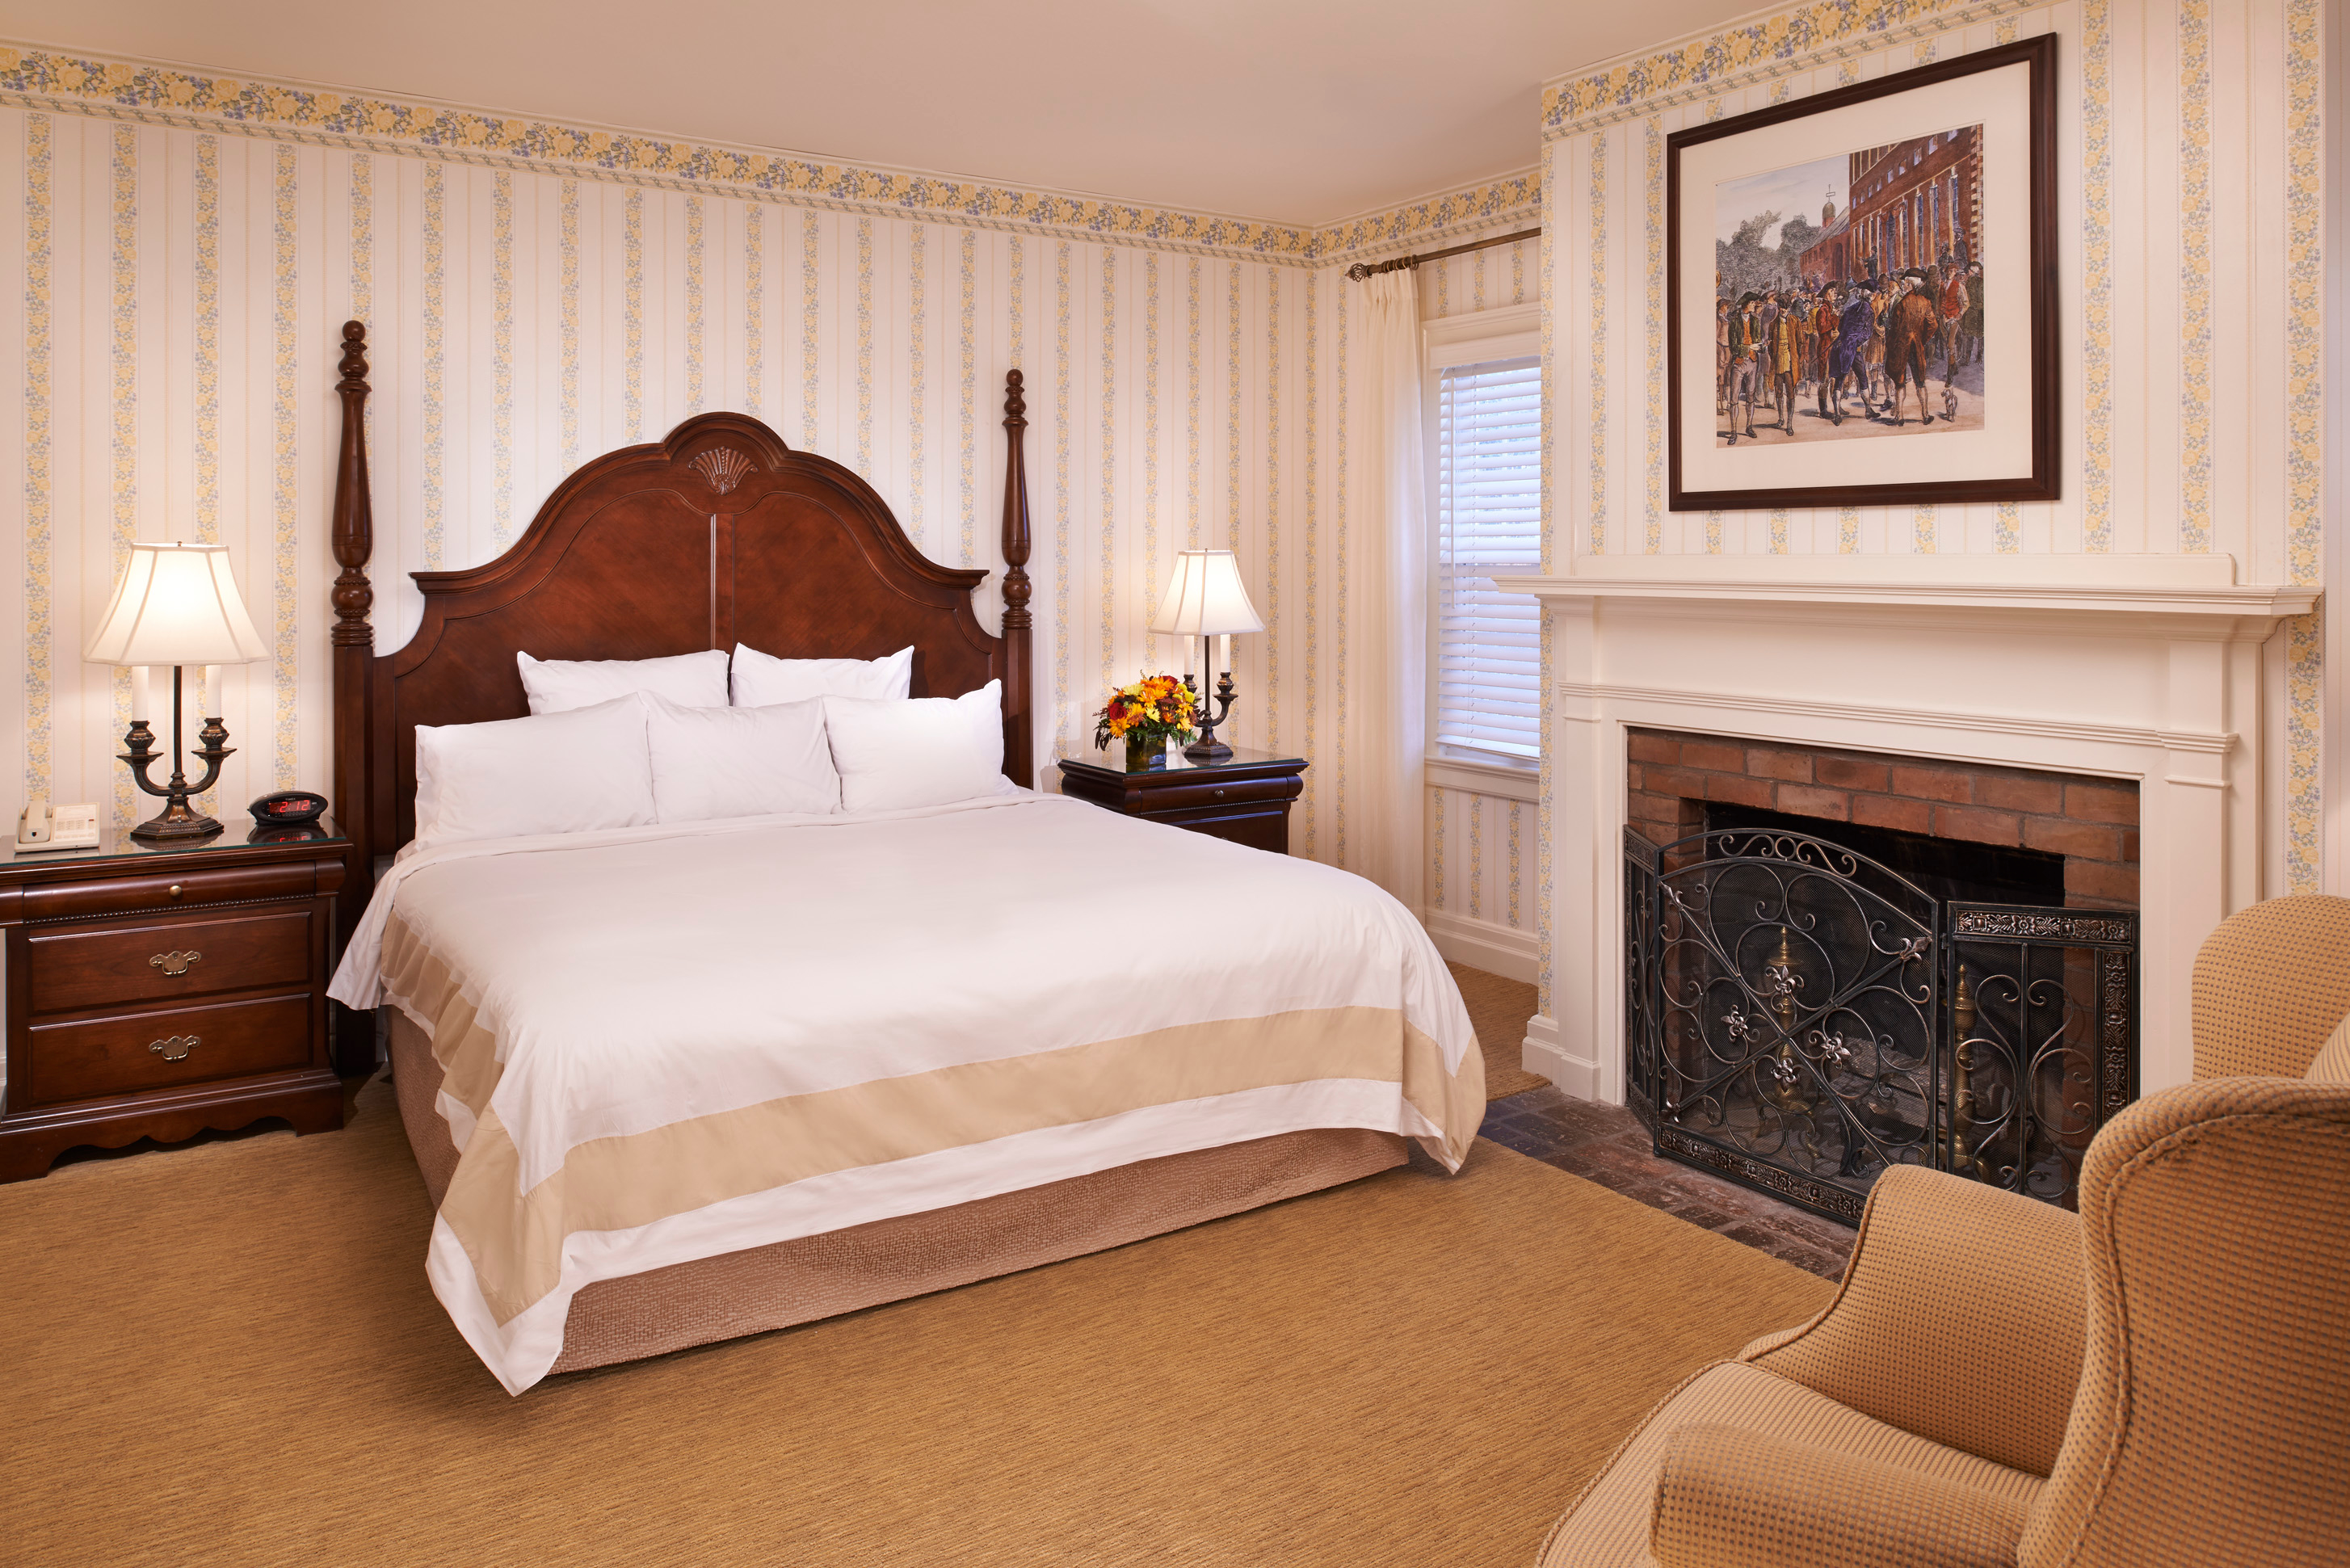 The Dearborn Inn, A Marriott Hotel image 6